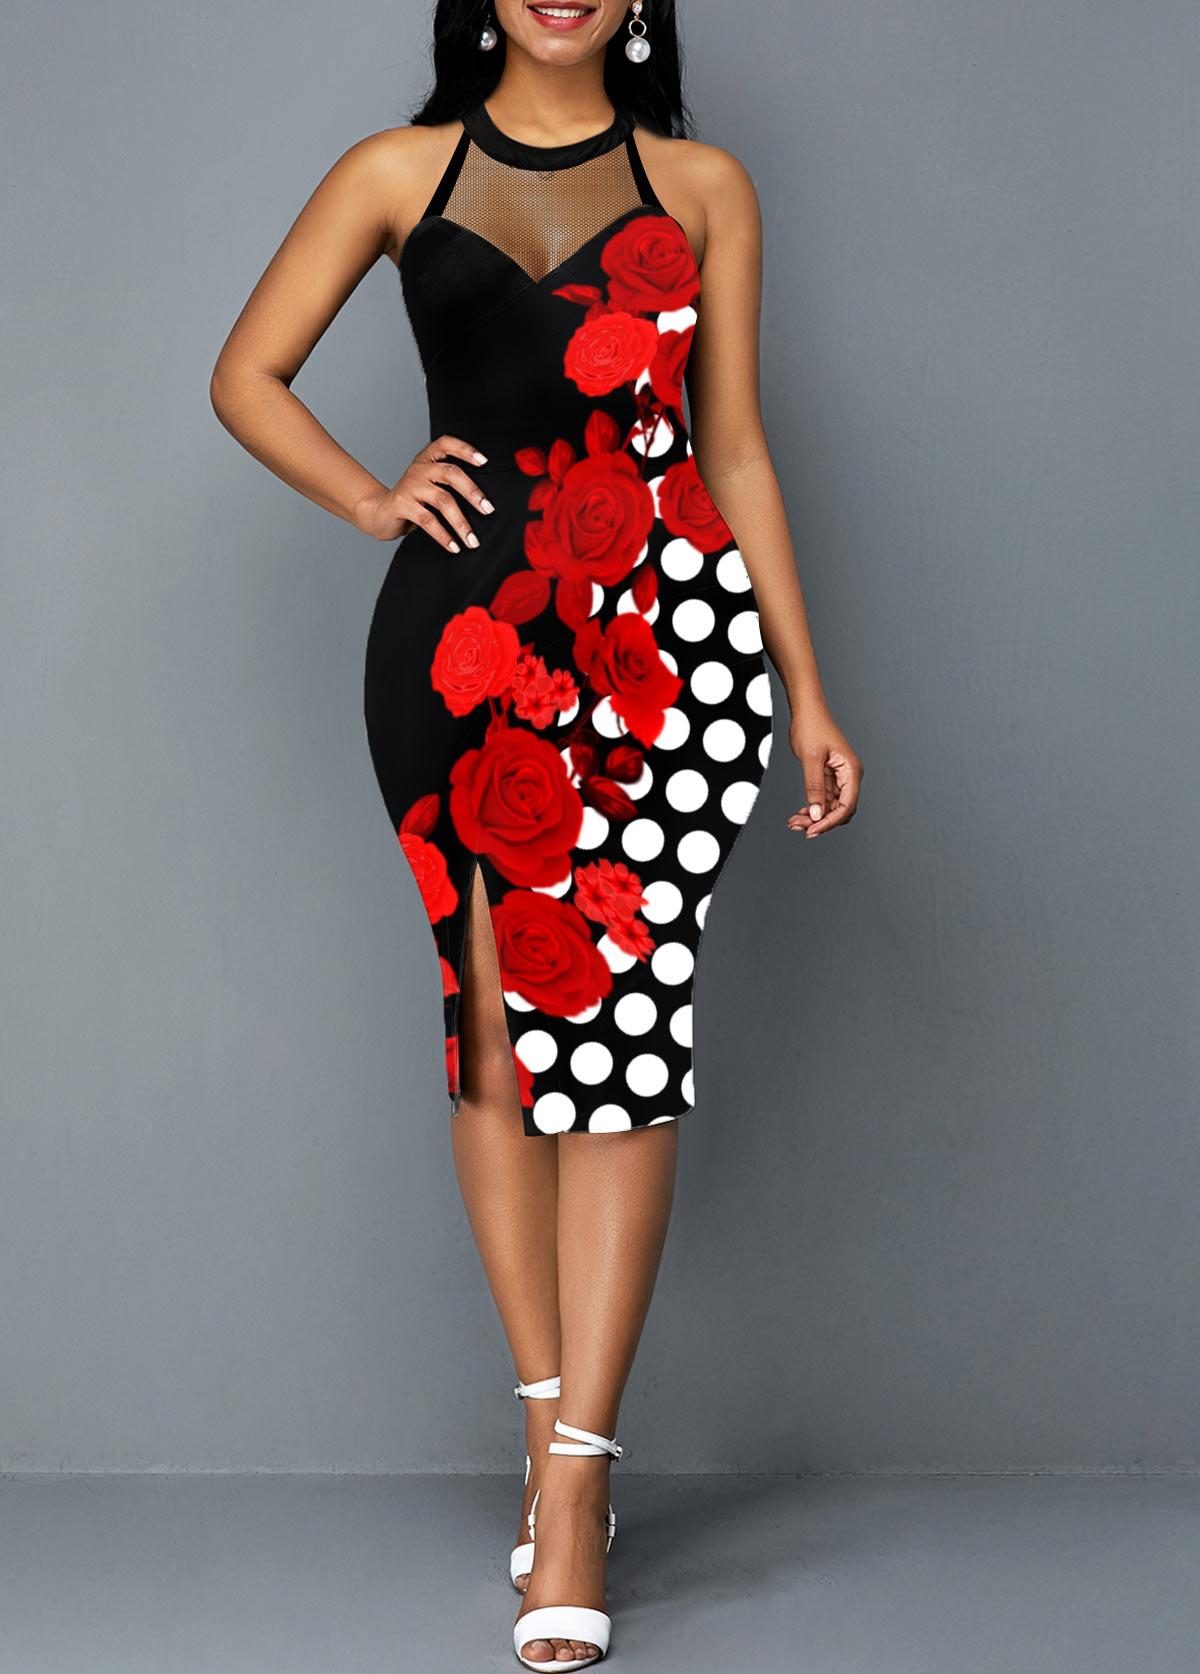 Polka Dot Side Slit Floral Print Dress